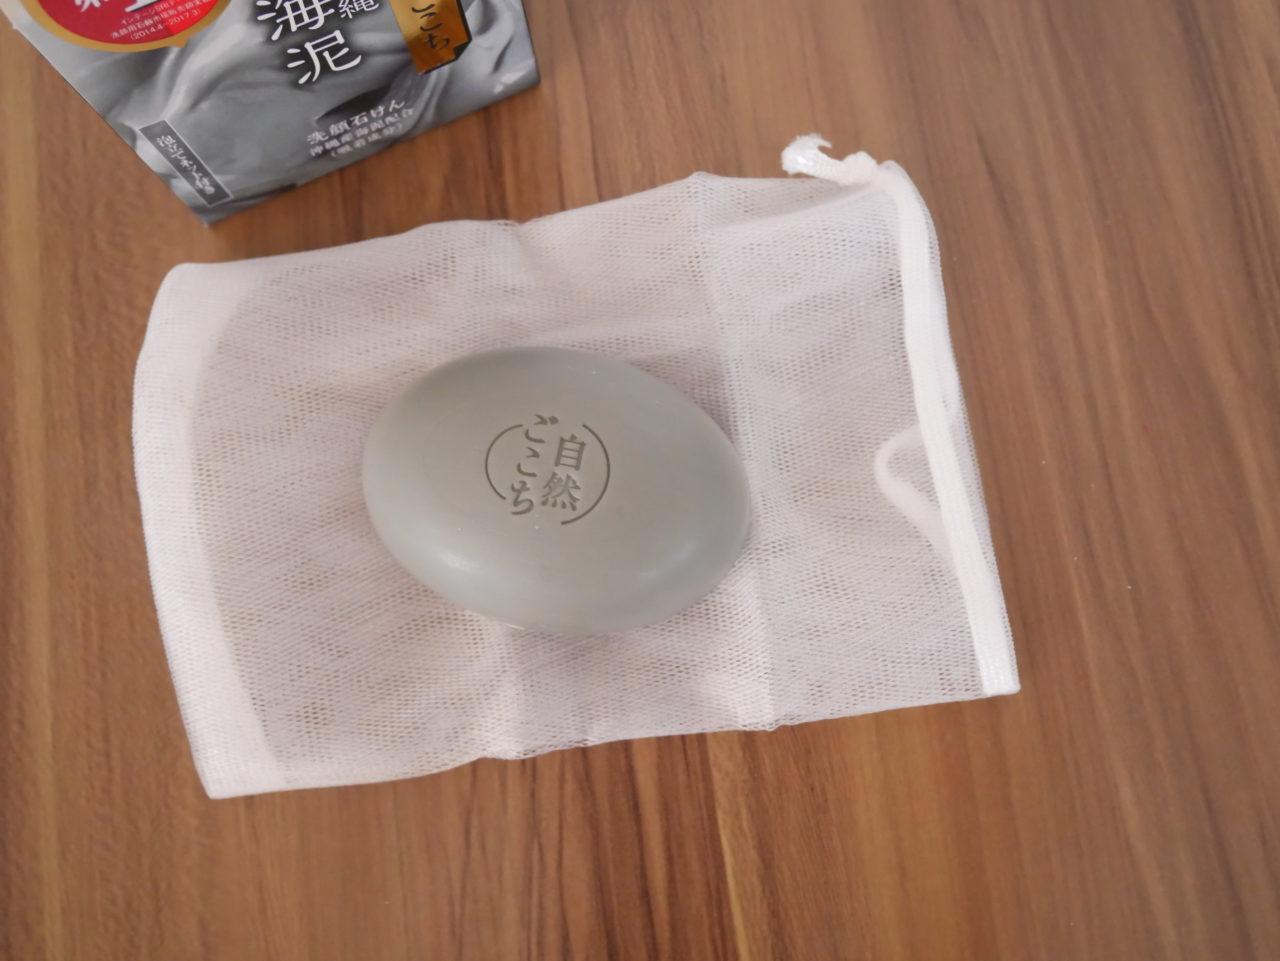 自然ごこち石鹸の沖縄海泥